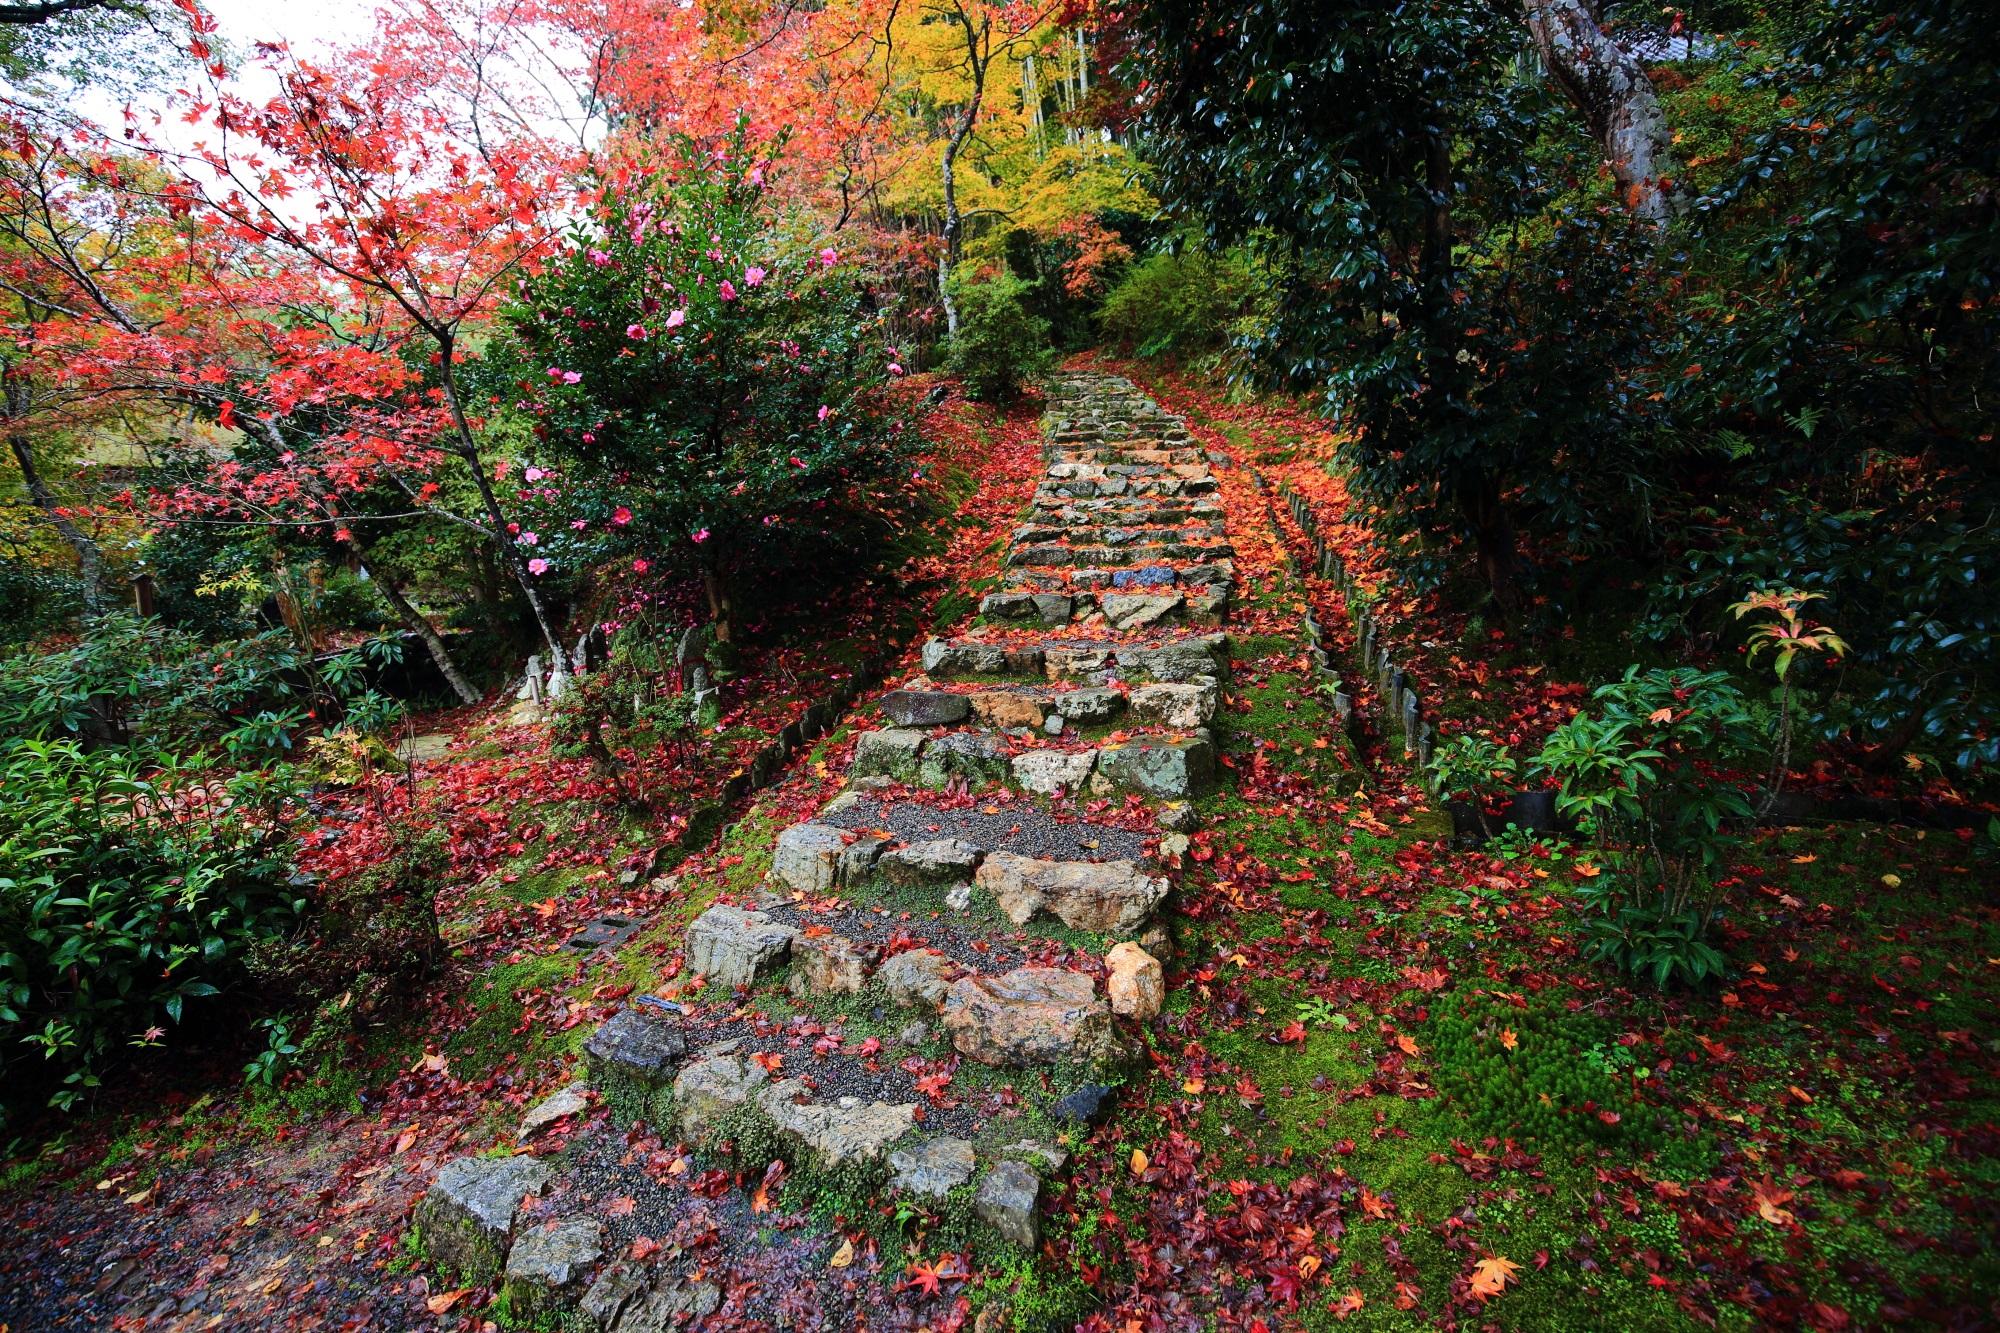 紅葉の名所の直指庵の開山堂前の石段の鮮やかな散りもみじ